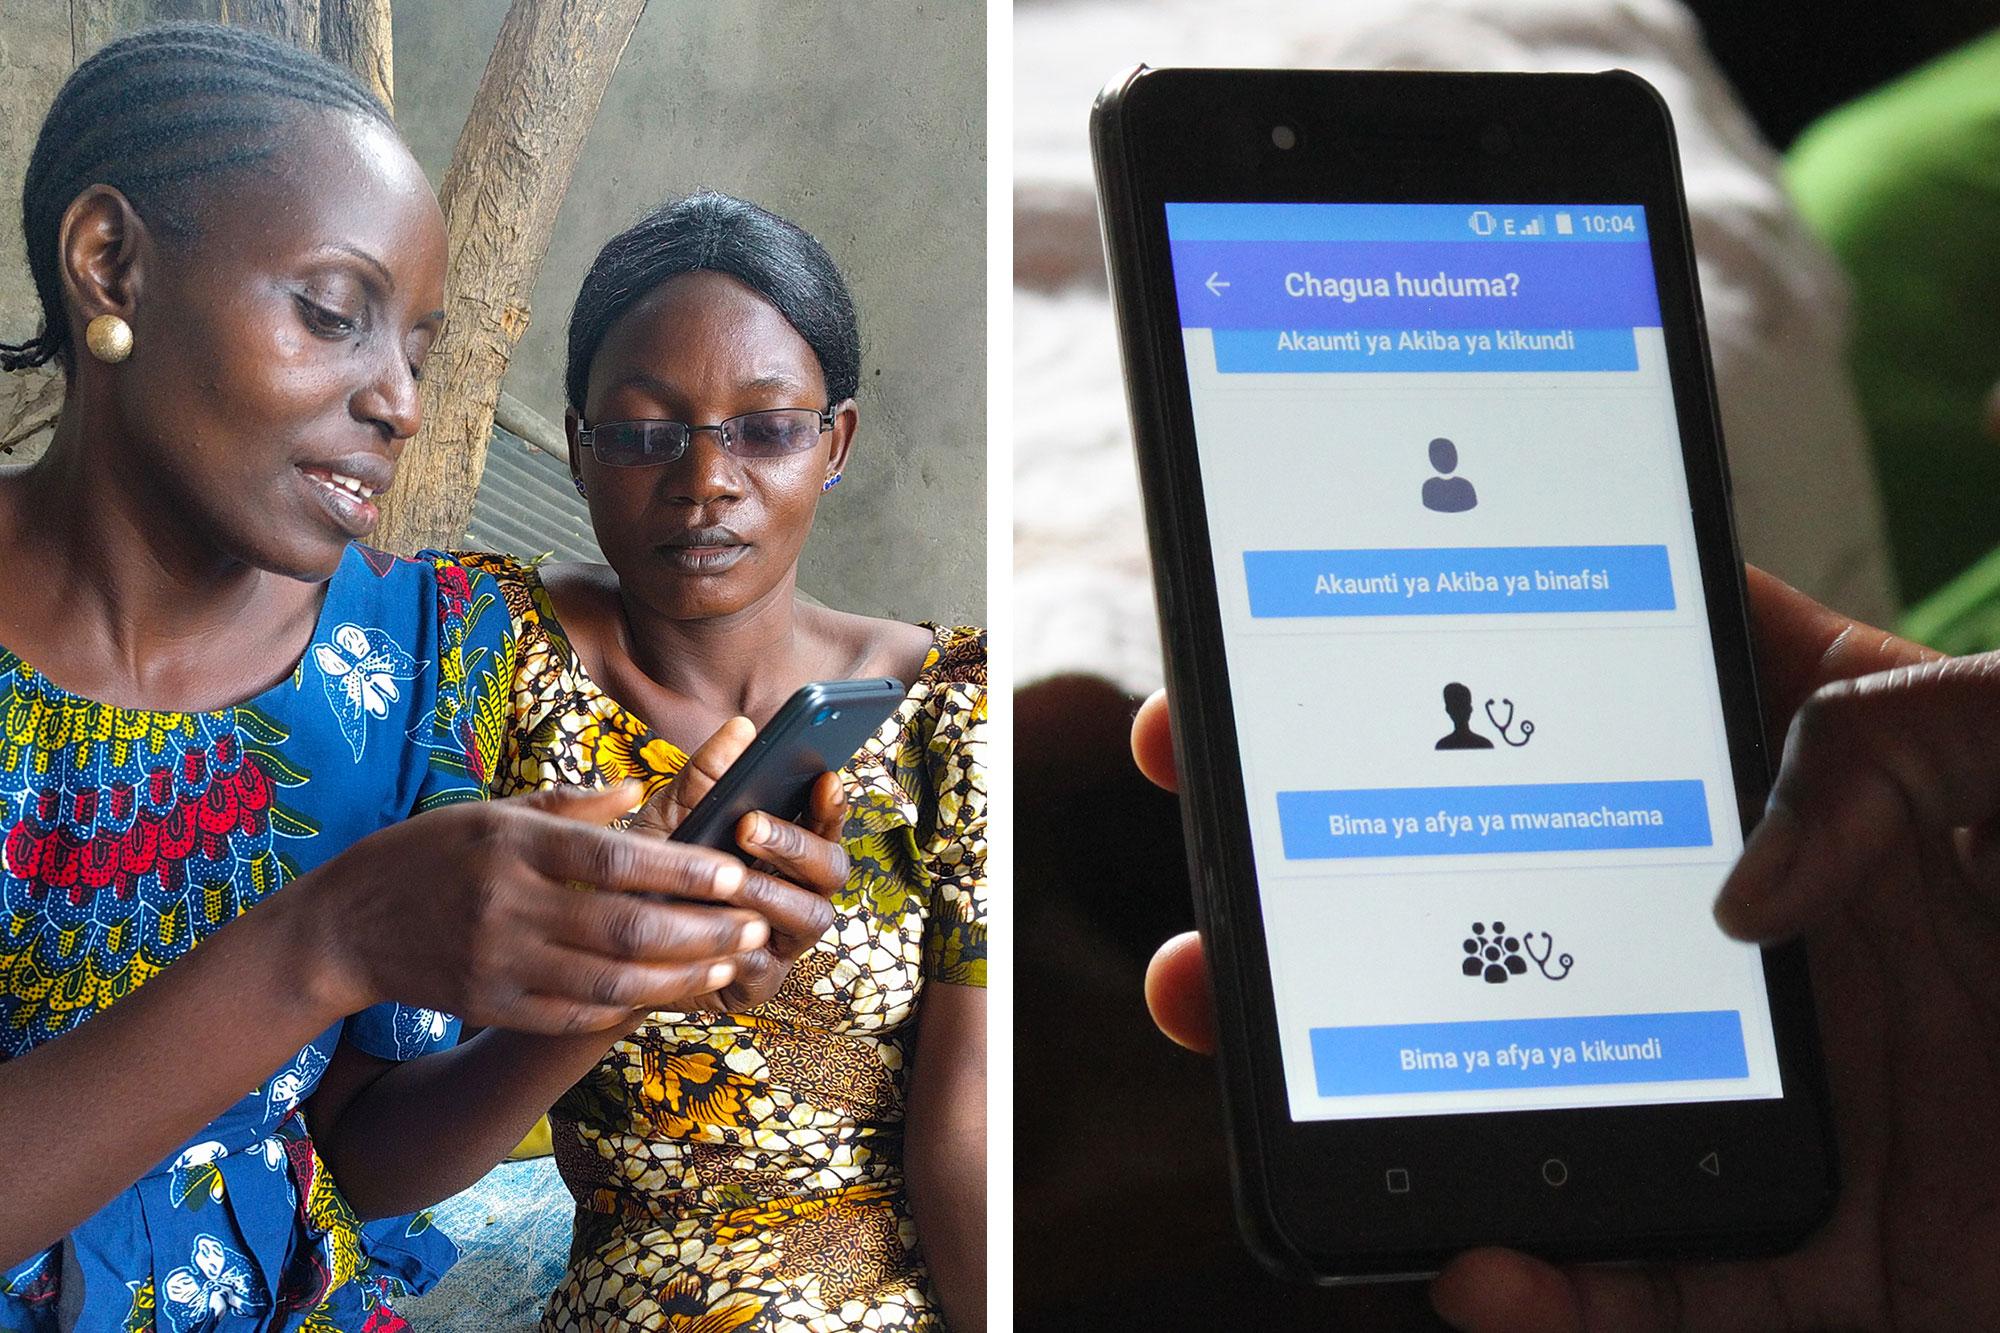 Duas mulheres olham para um telefone celular.